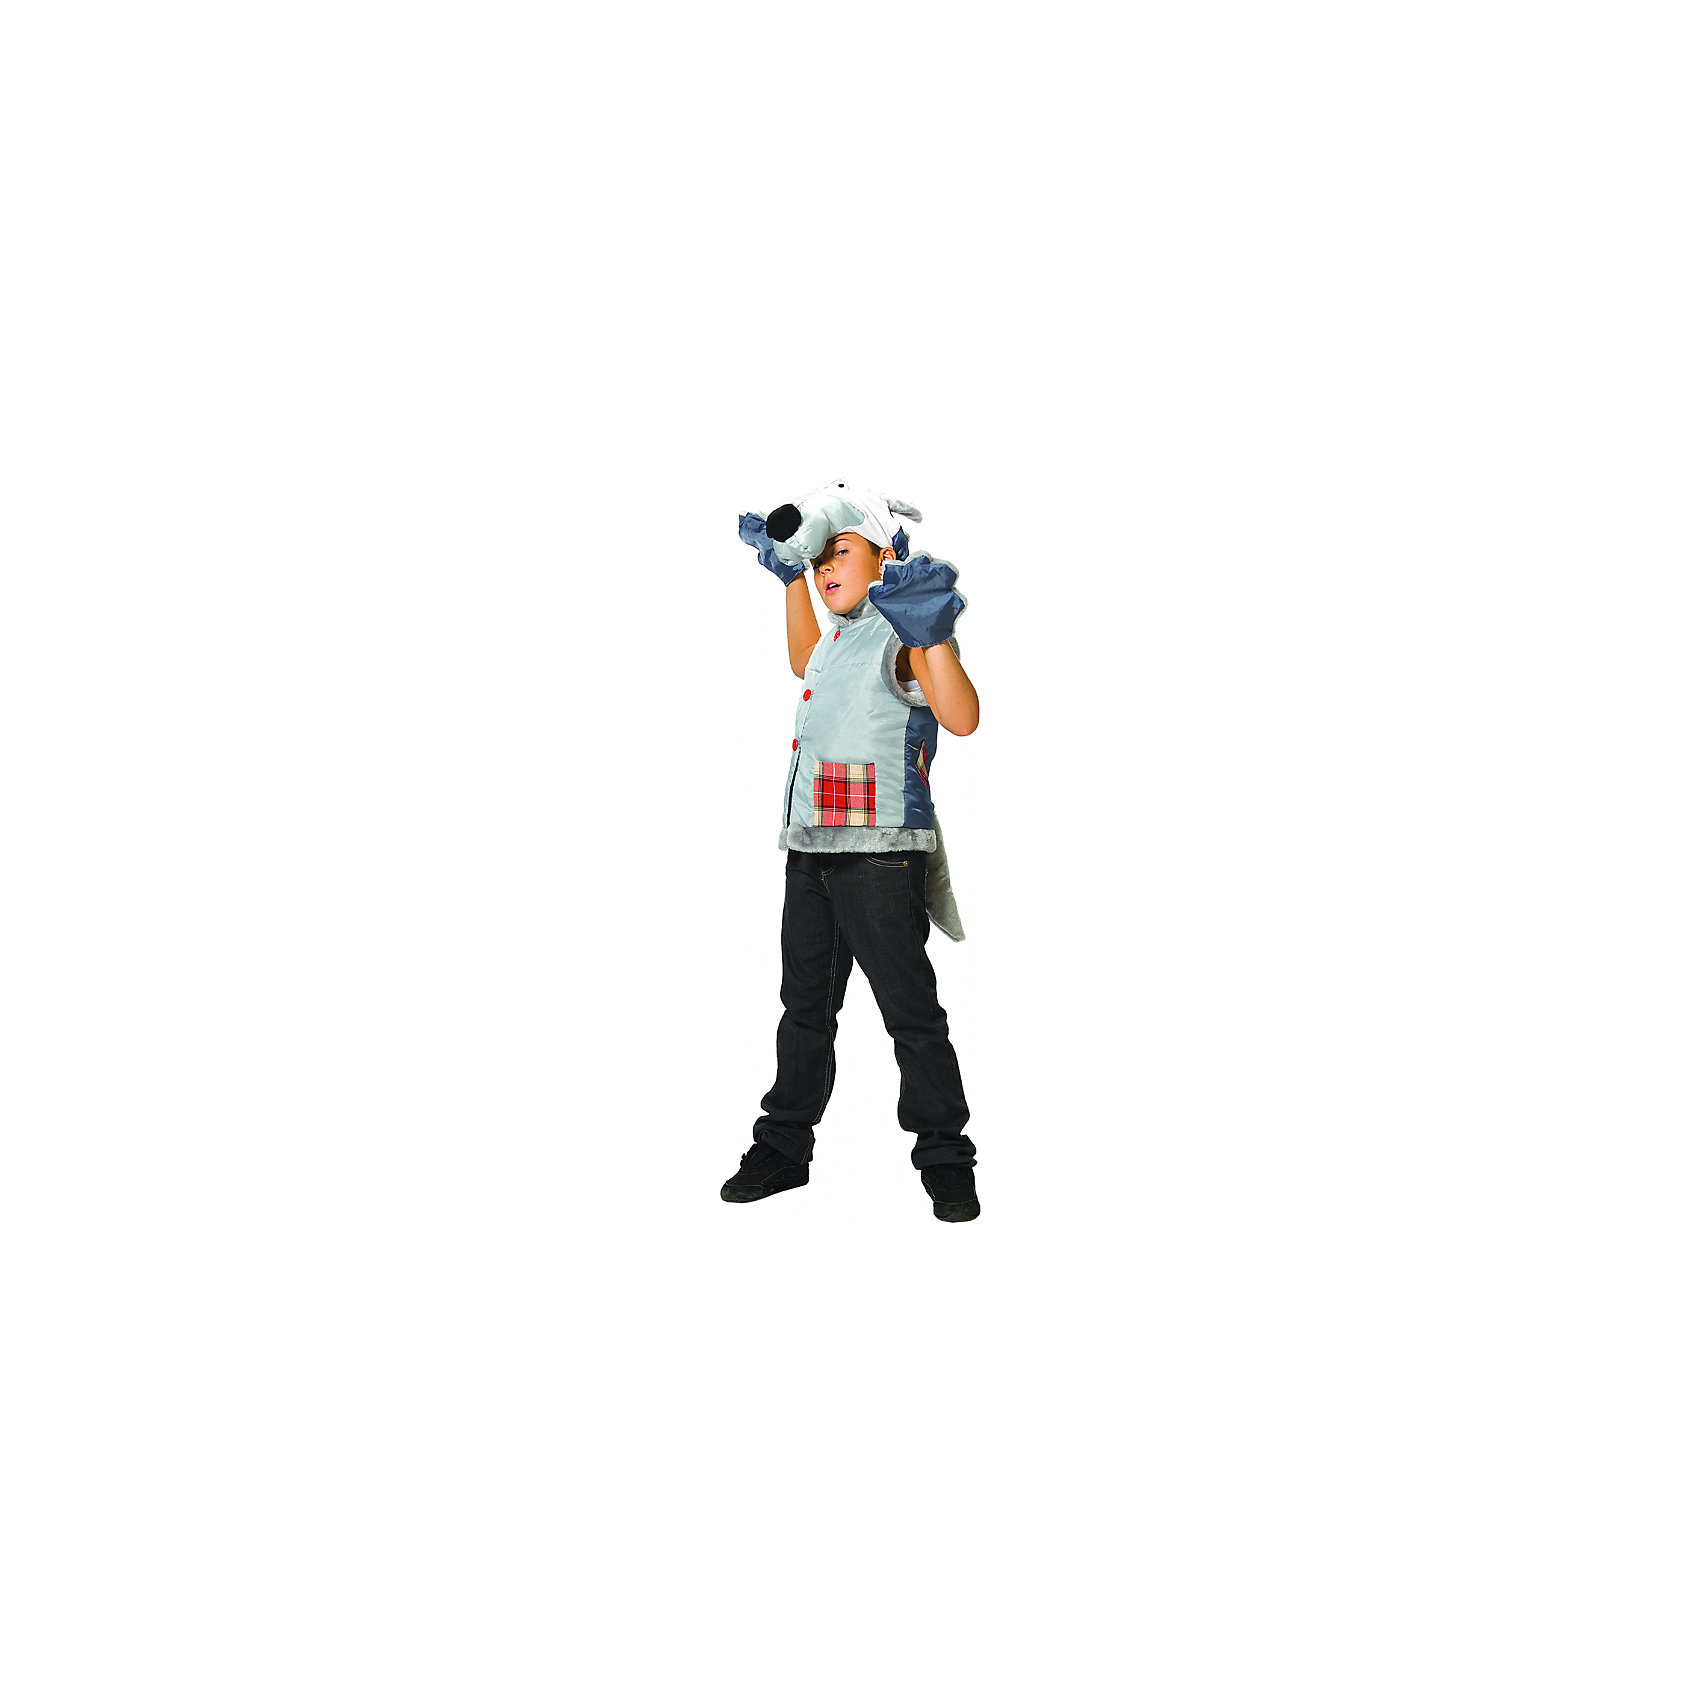 Карнавальный костюм Волк, ВестификаДетский карнавальный костюм для мальчиков Волк состоит из жилетки, шапоки-маски и варежек. Жилетка выполнена из тафеты, оторочена искусственным мехом, посажена на подкладку и подбита синтепоном. Жилетка украшена крупными пуговицами и кармашками из клетчатой ткани.<br><br>- В комплекте <br>Жилетка <br>Шапка<br>Варежки<br><br>- Ткани:<br>Тафета (100% полиэстер)<br>Шотландка (80% полиэстер, 20% шерсть)<br>Синтепон (100% полиэстер)<br>Искусственный мех (100% полиэстер)<br><br>Ширина мм: 450<br>Глубина мм: 80<br>Высота мм: 350<br>Вес г: 250<br>Цвет: разноцветный<br>Возраст от месяцев: 60<br>Возраст до месяцев: 84<br>Пол: Мужской<br>Возраст: Детский<br>Размер: 110/122<br>SKU: 5159015